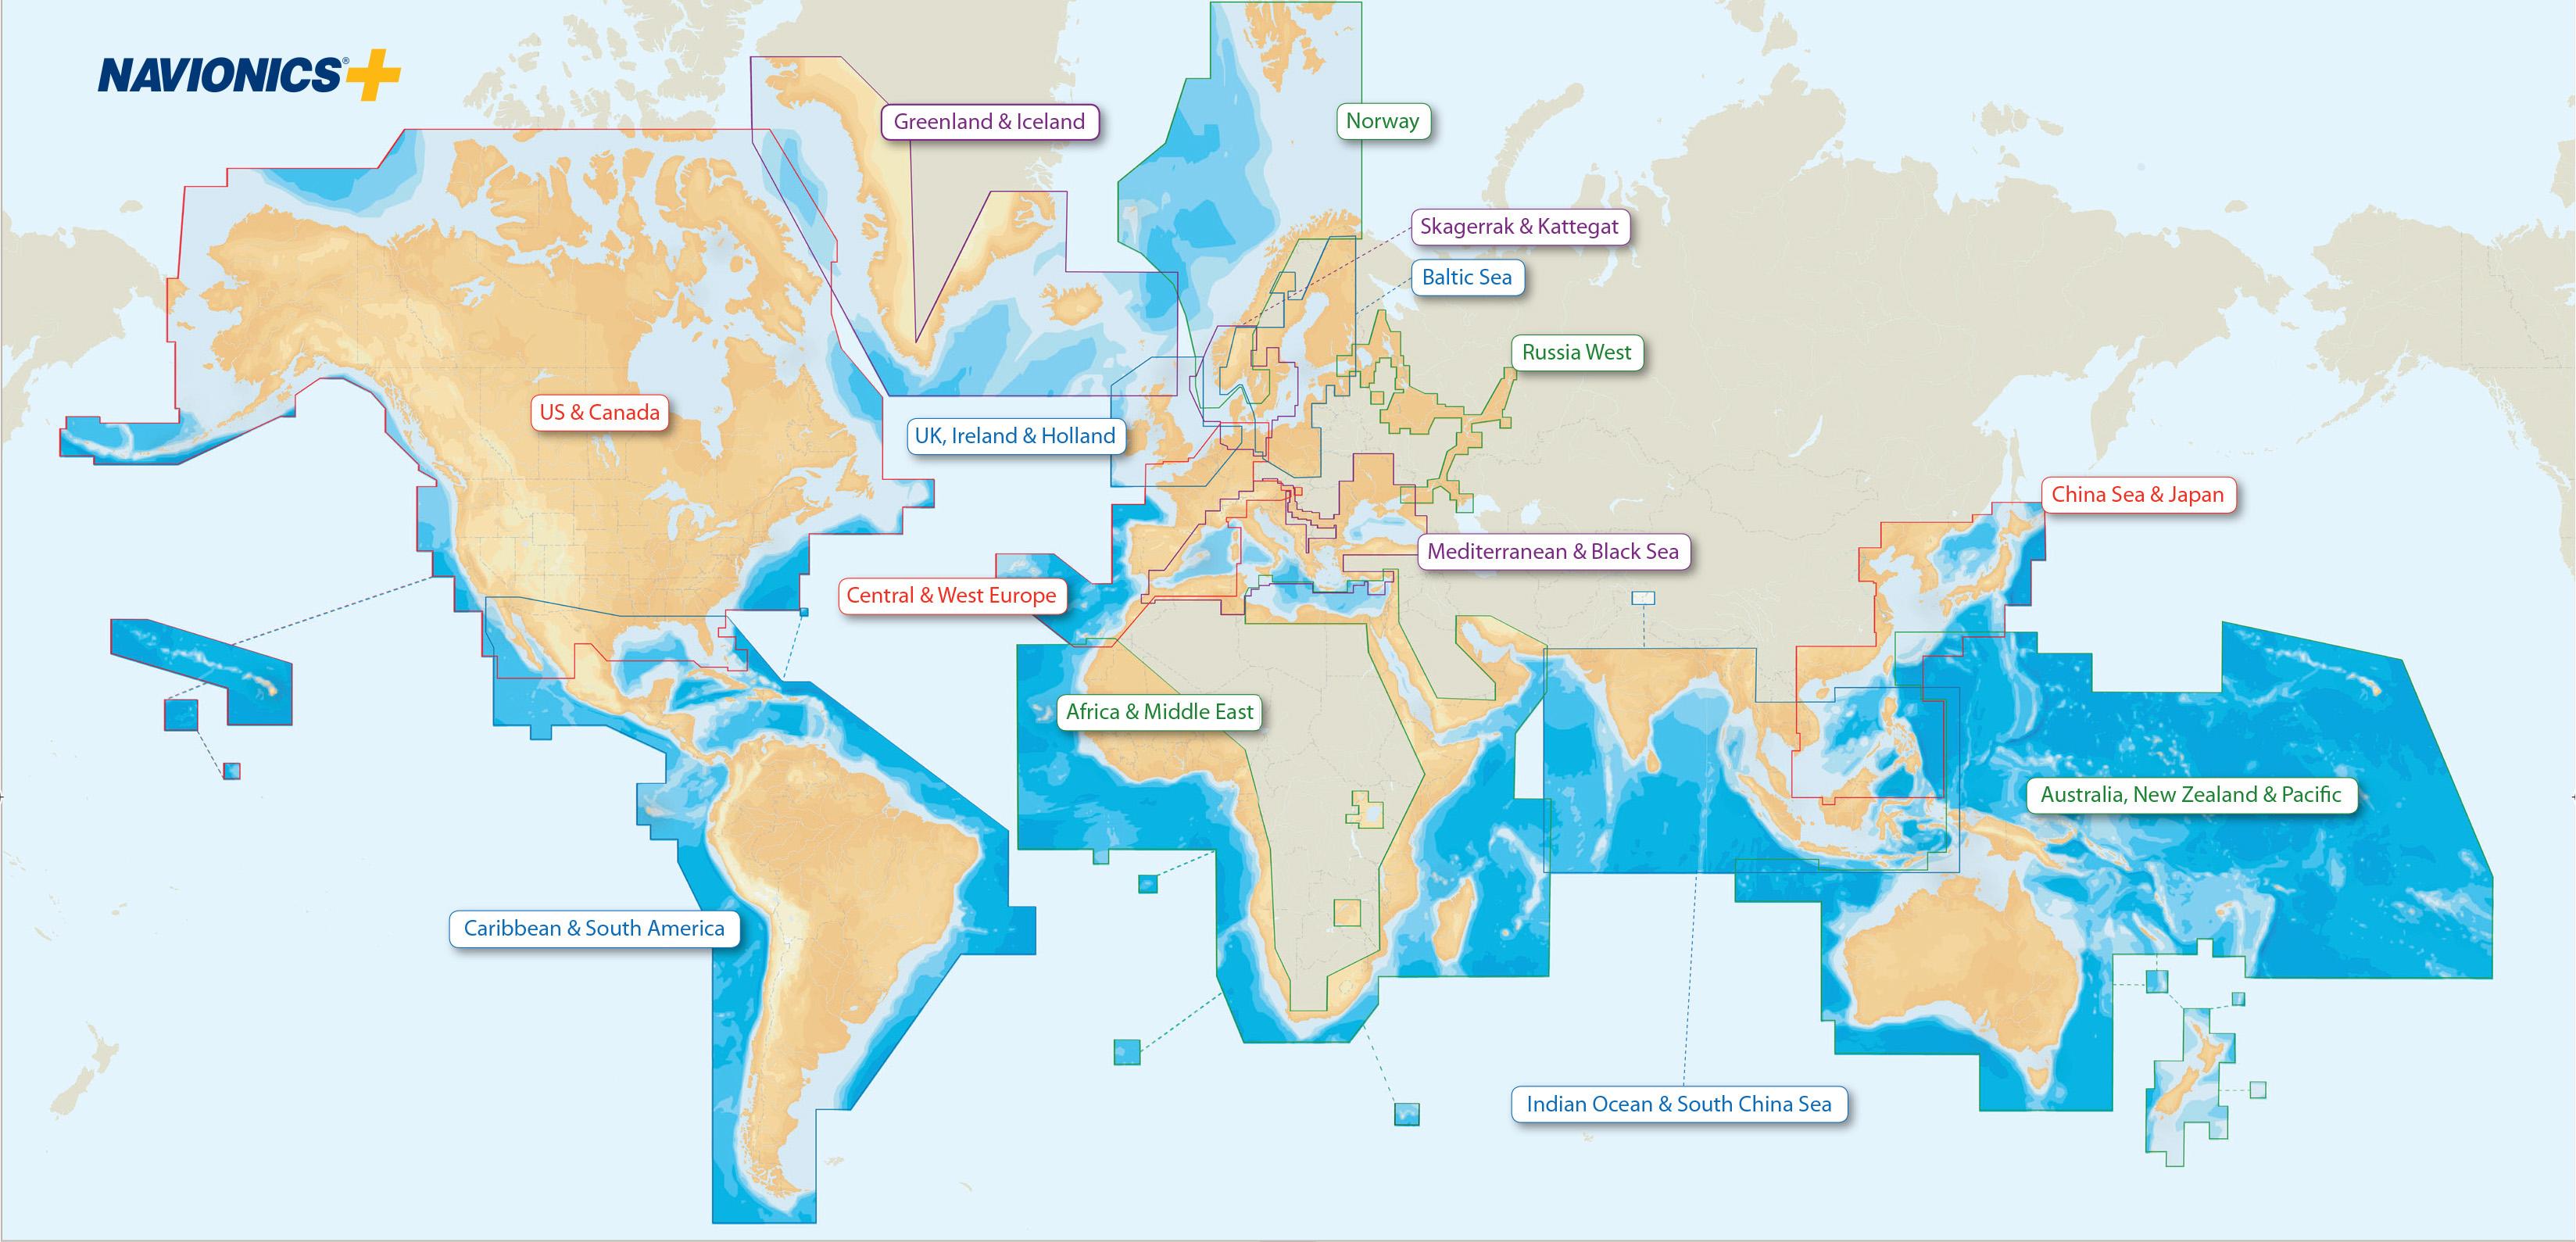 Weltweite Abdeckung mit Navionics+ Seekarten